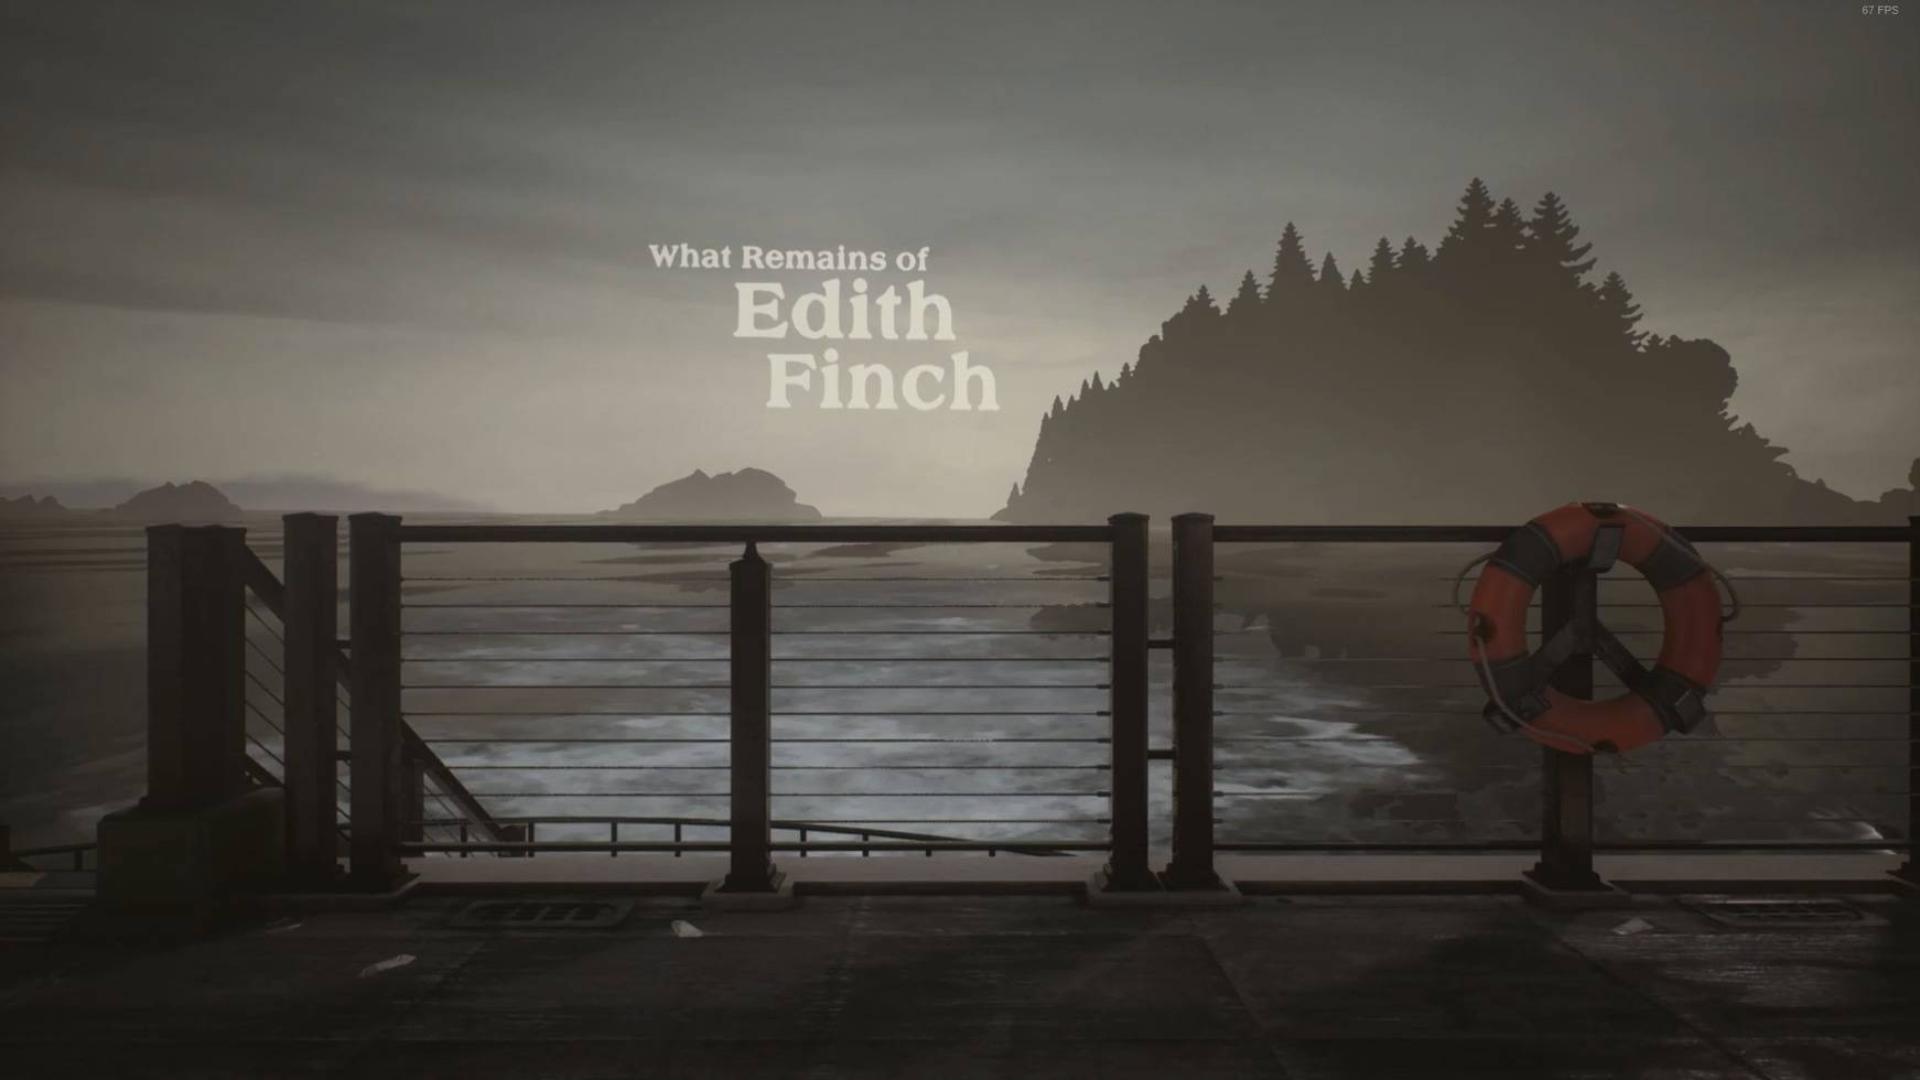 【第九艺术】What remains of edith Finch #01